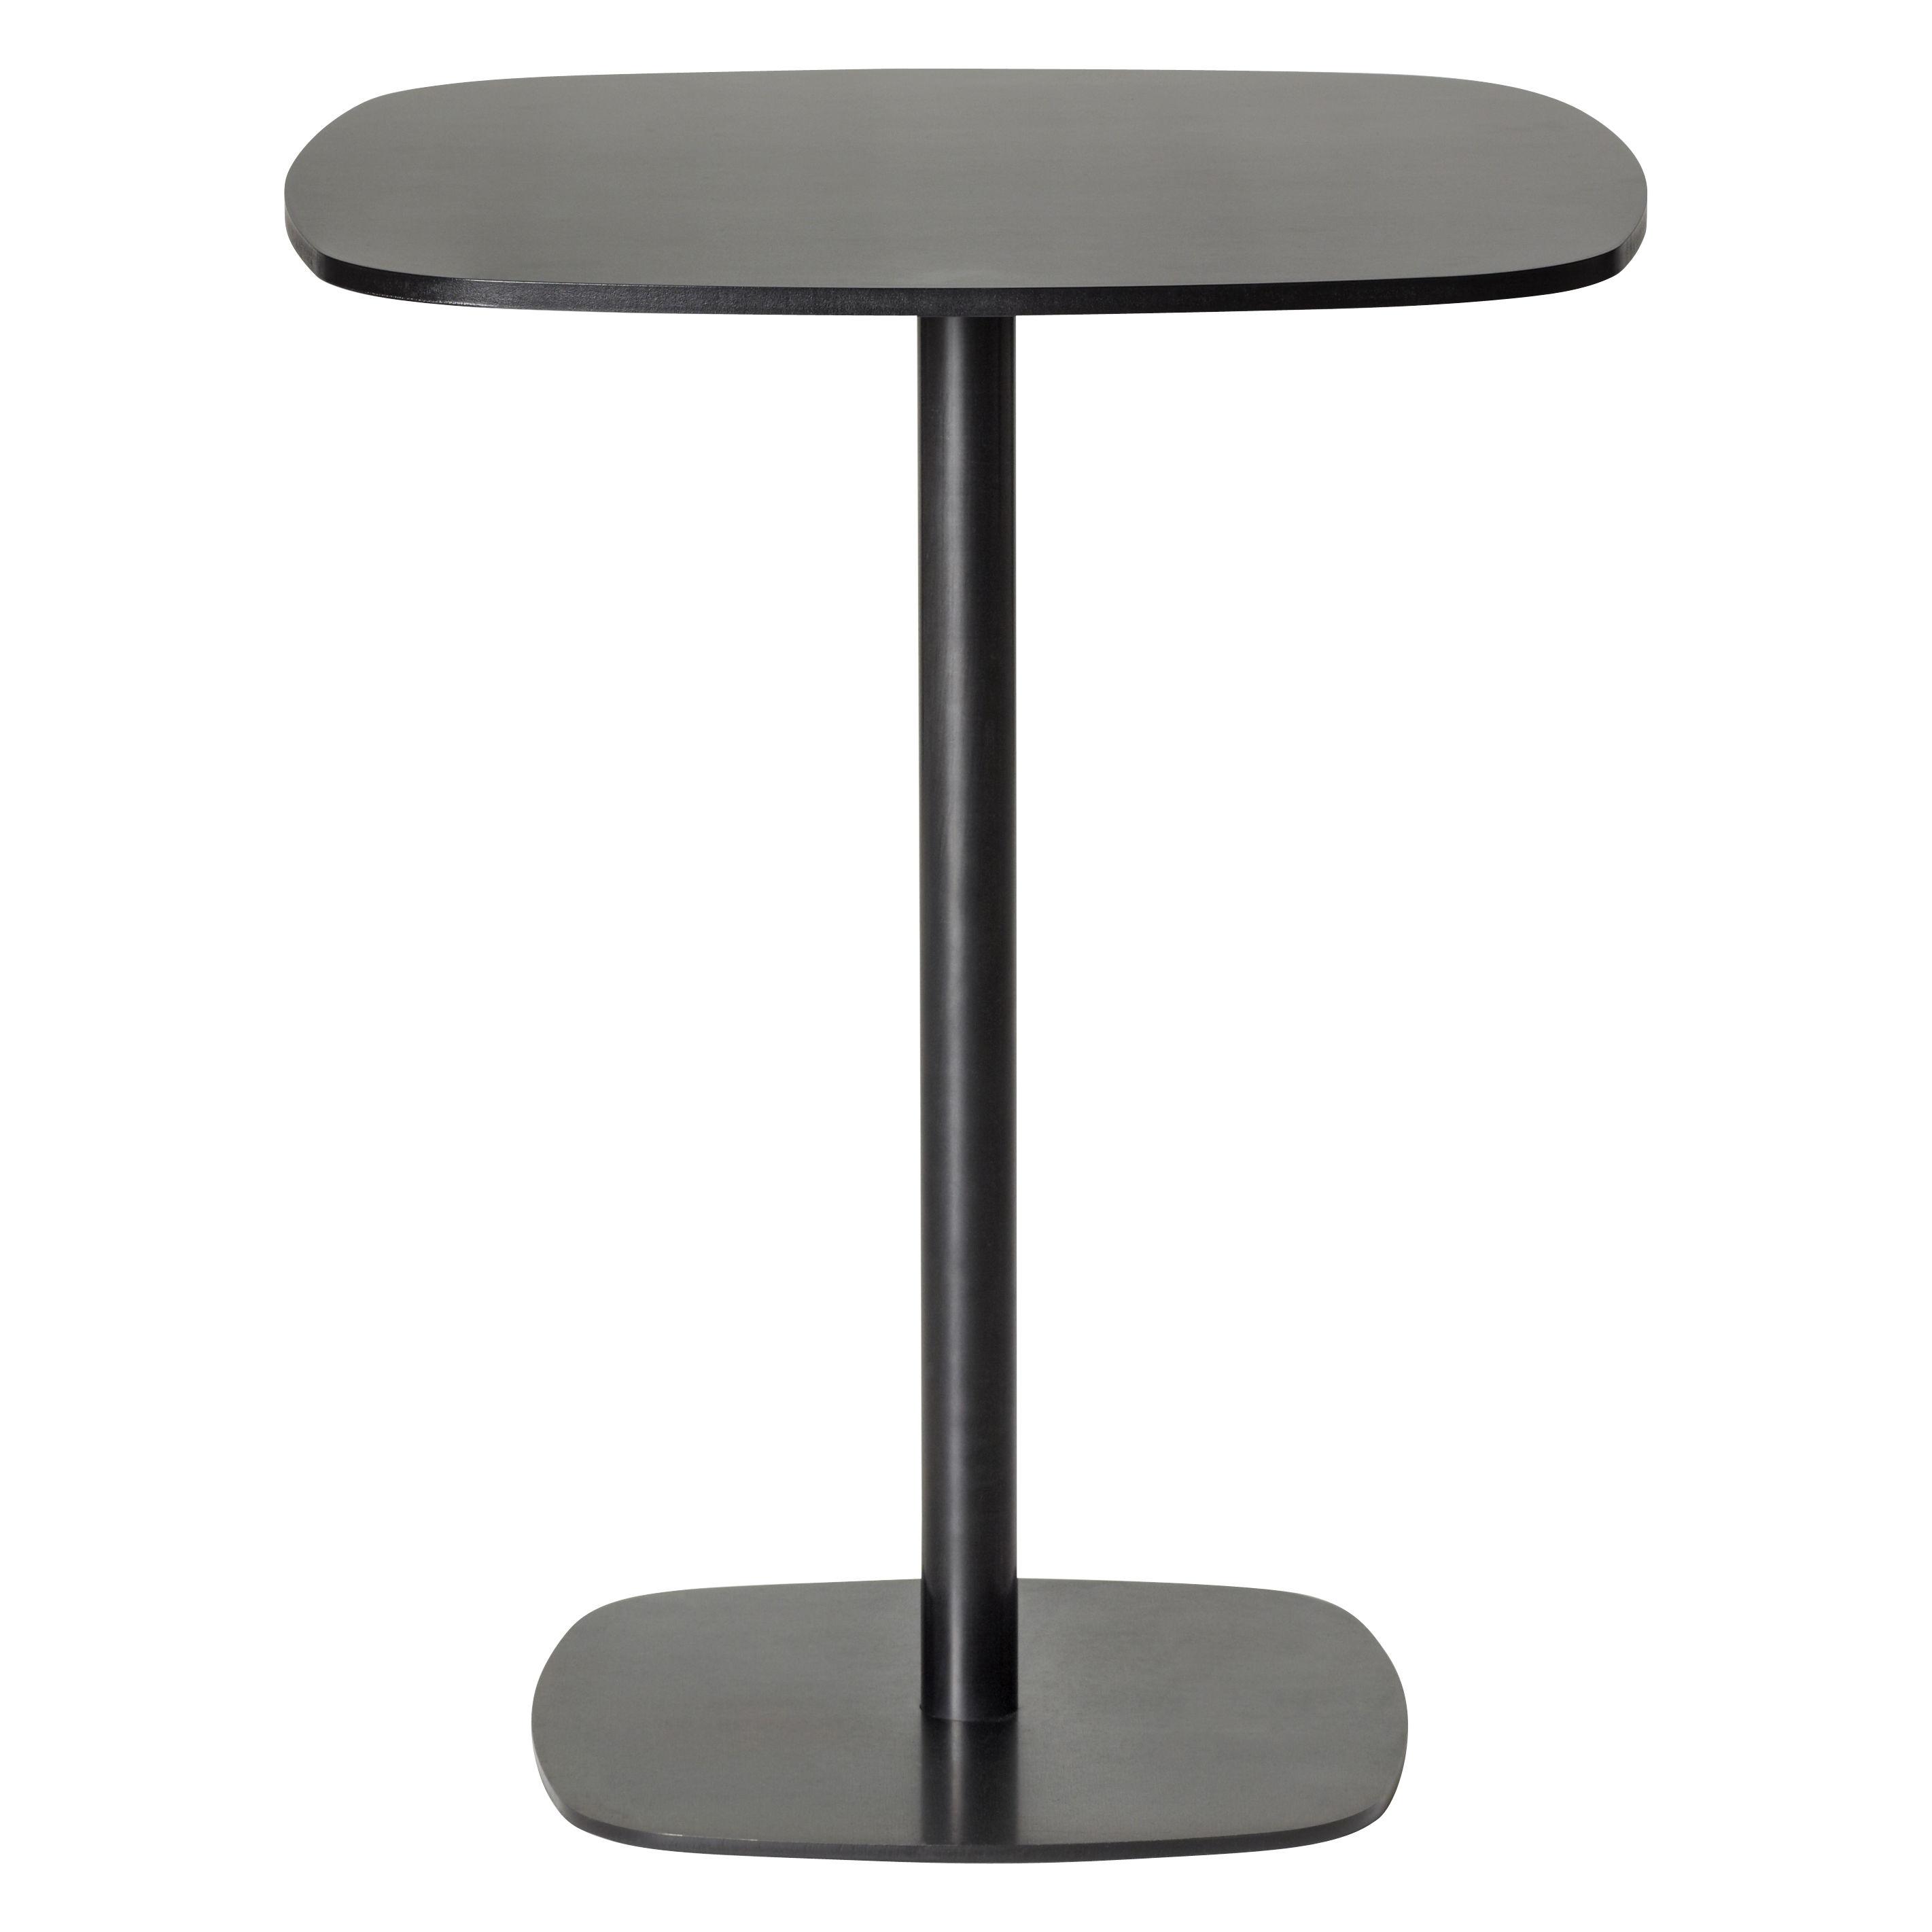 Arredamento - Tavoli alti - Tavolo bar alto Nobis - H 110 cm - 60x60 cm di Offecct - Nero - Compensato compatto, metallo laccato